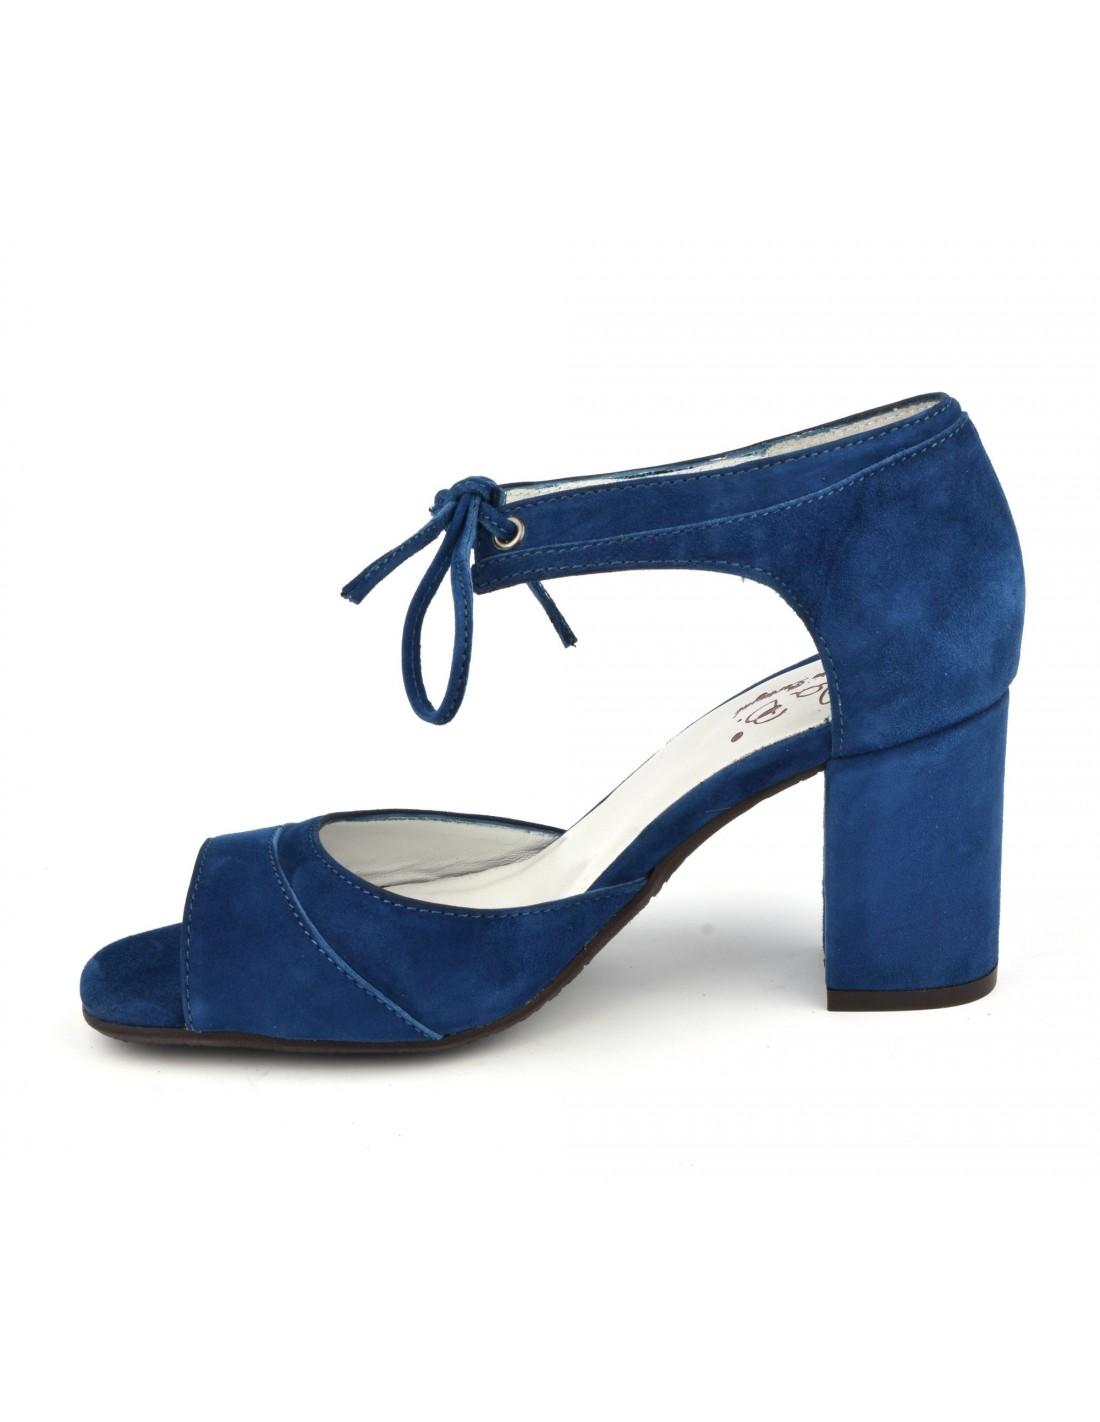 Sandales lacets cuir daim bleu royal, talons carrés, Blau